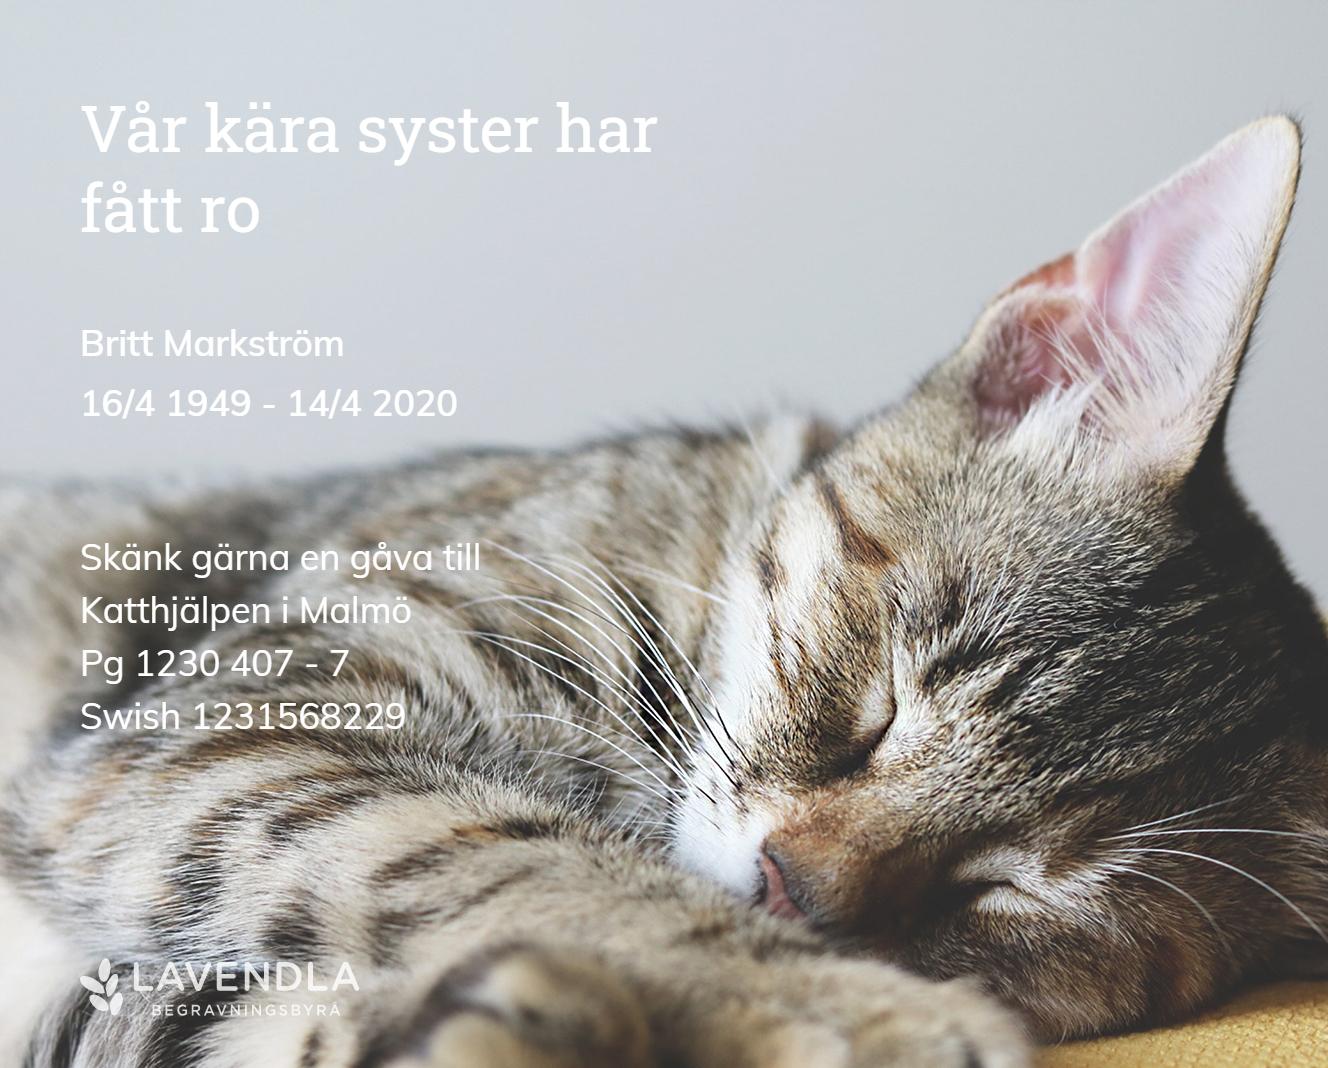 Inbjudningskort till ceremonin för Britt Markström